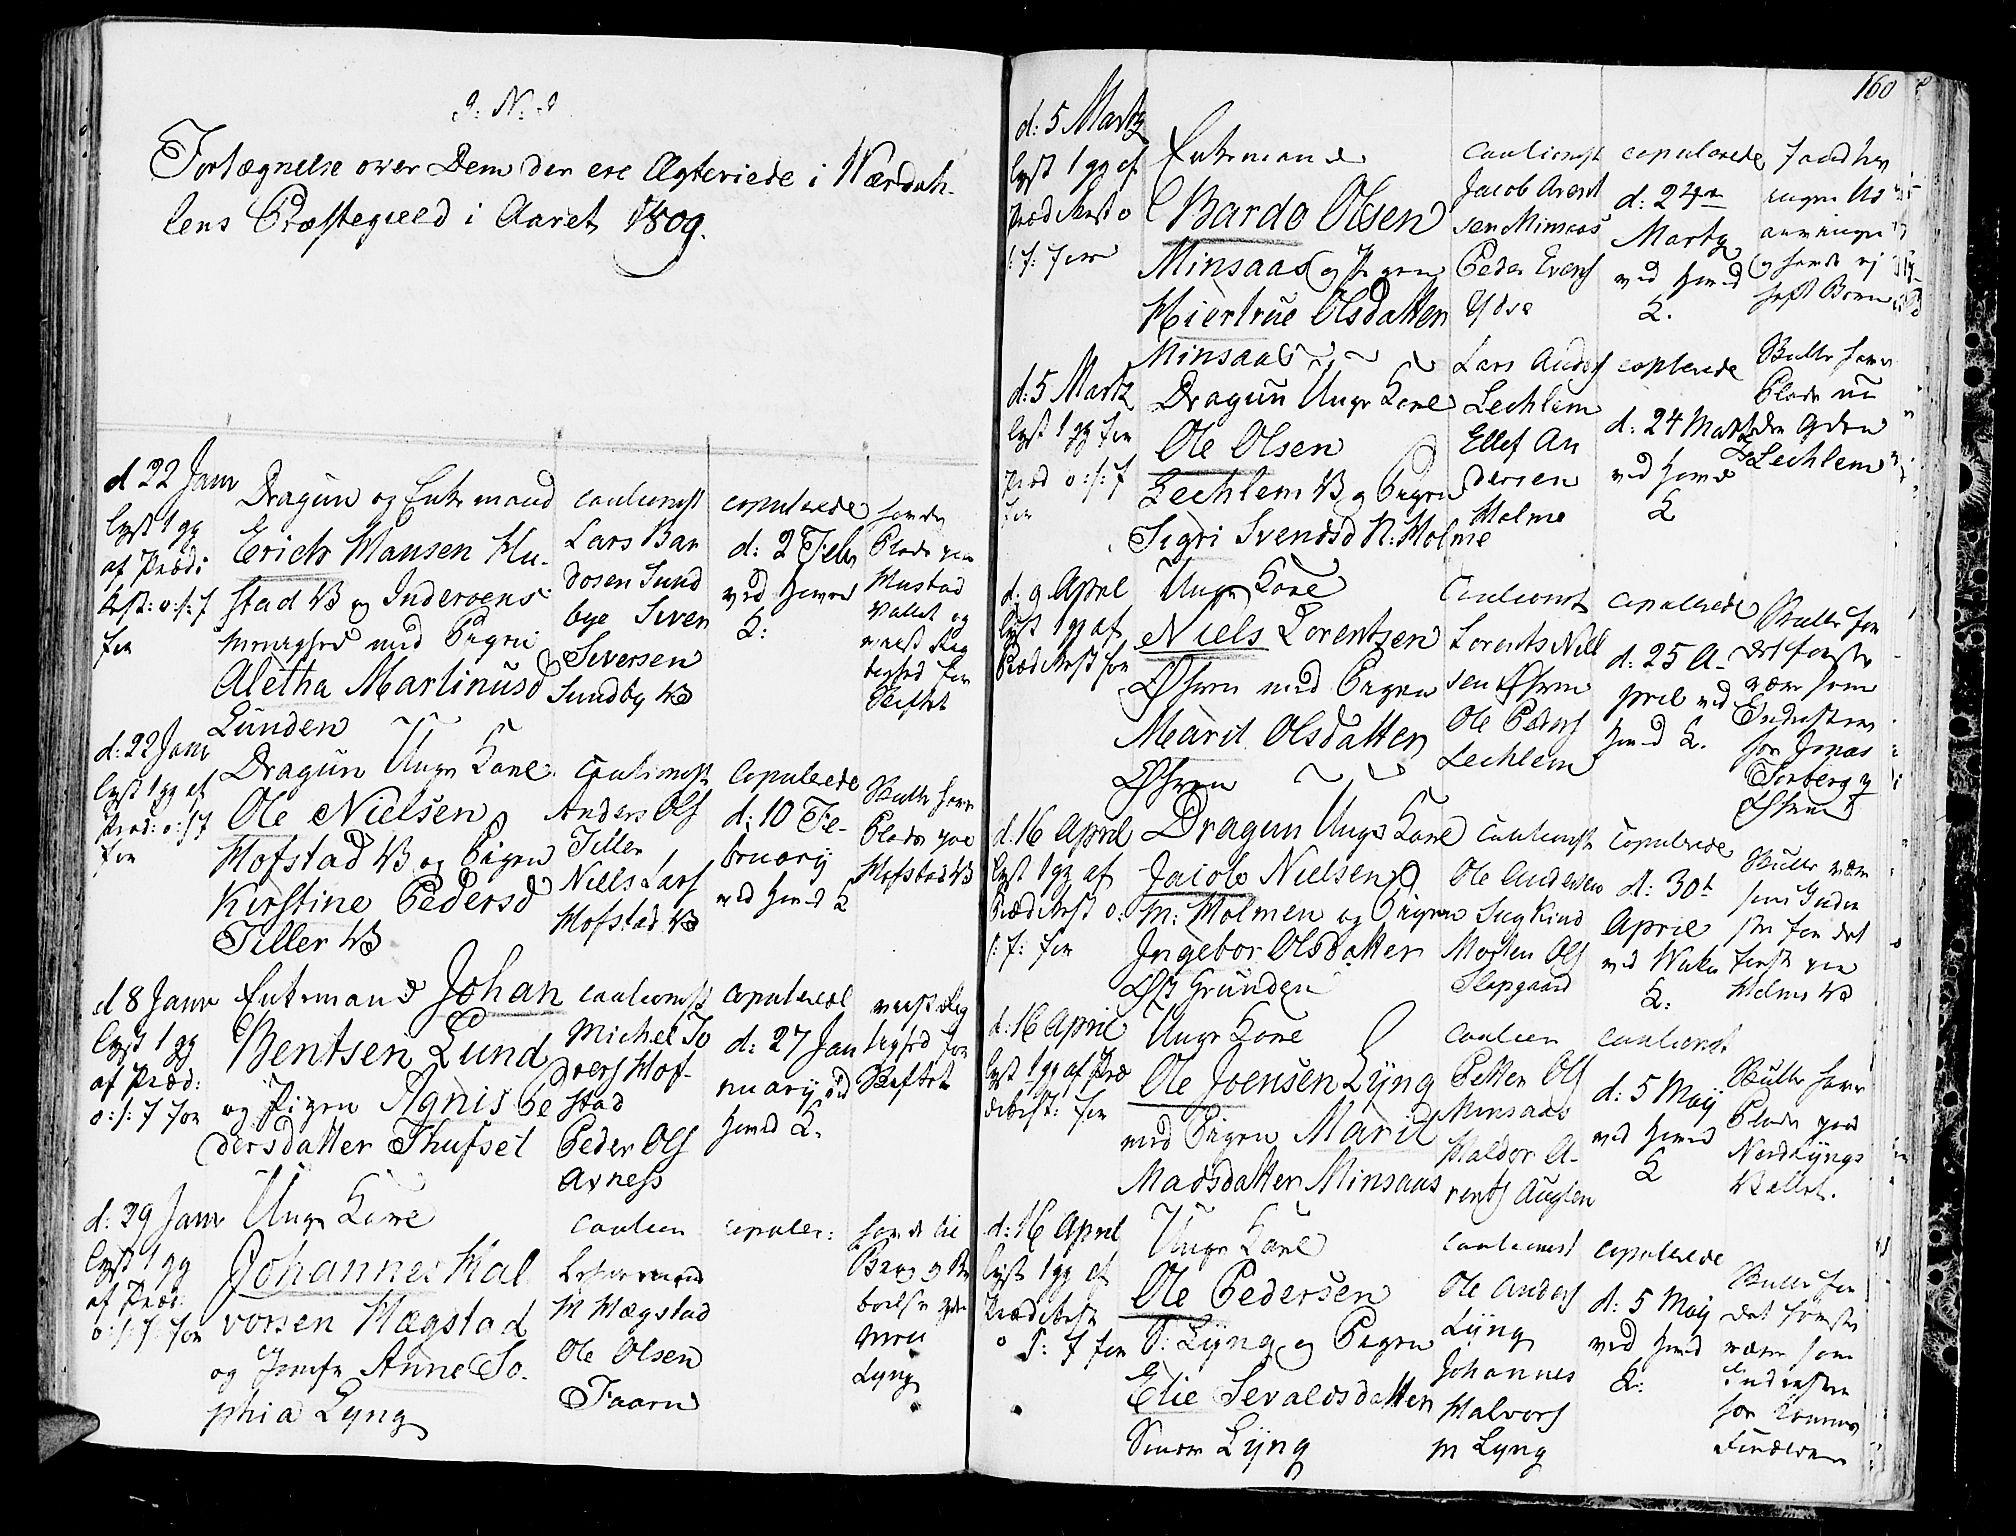 SAT, Ministerialprotokoller, klokkerbøker og fødselsregistre - Nord-Trøndelag, 723/L0233: Ministerialbok nr. 723A04, 1805-1816, s. 160